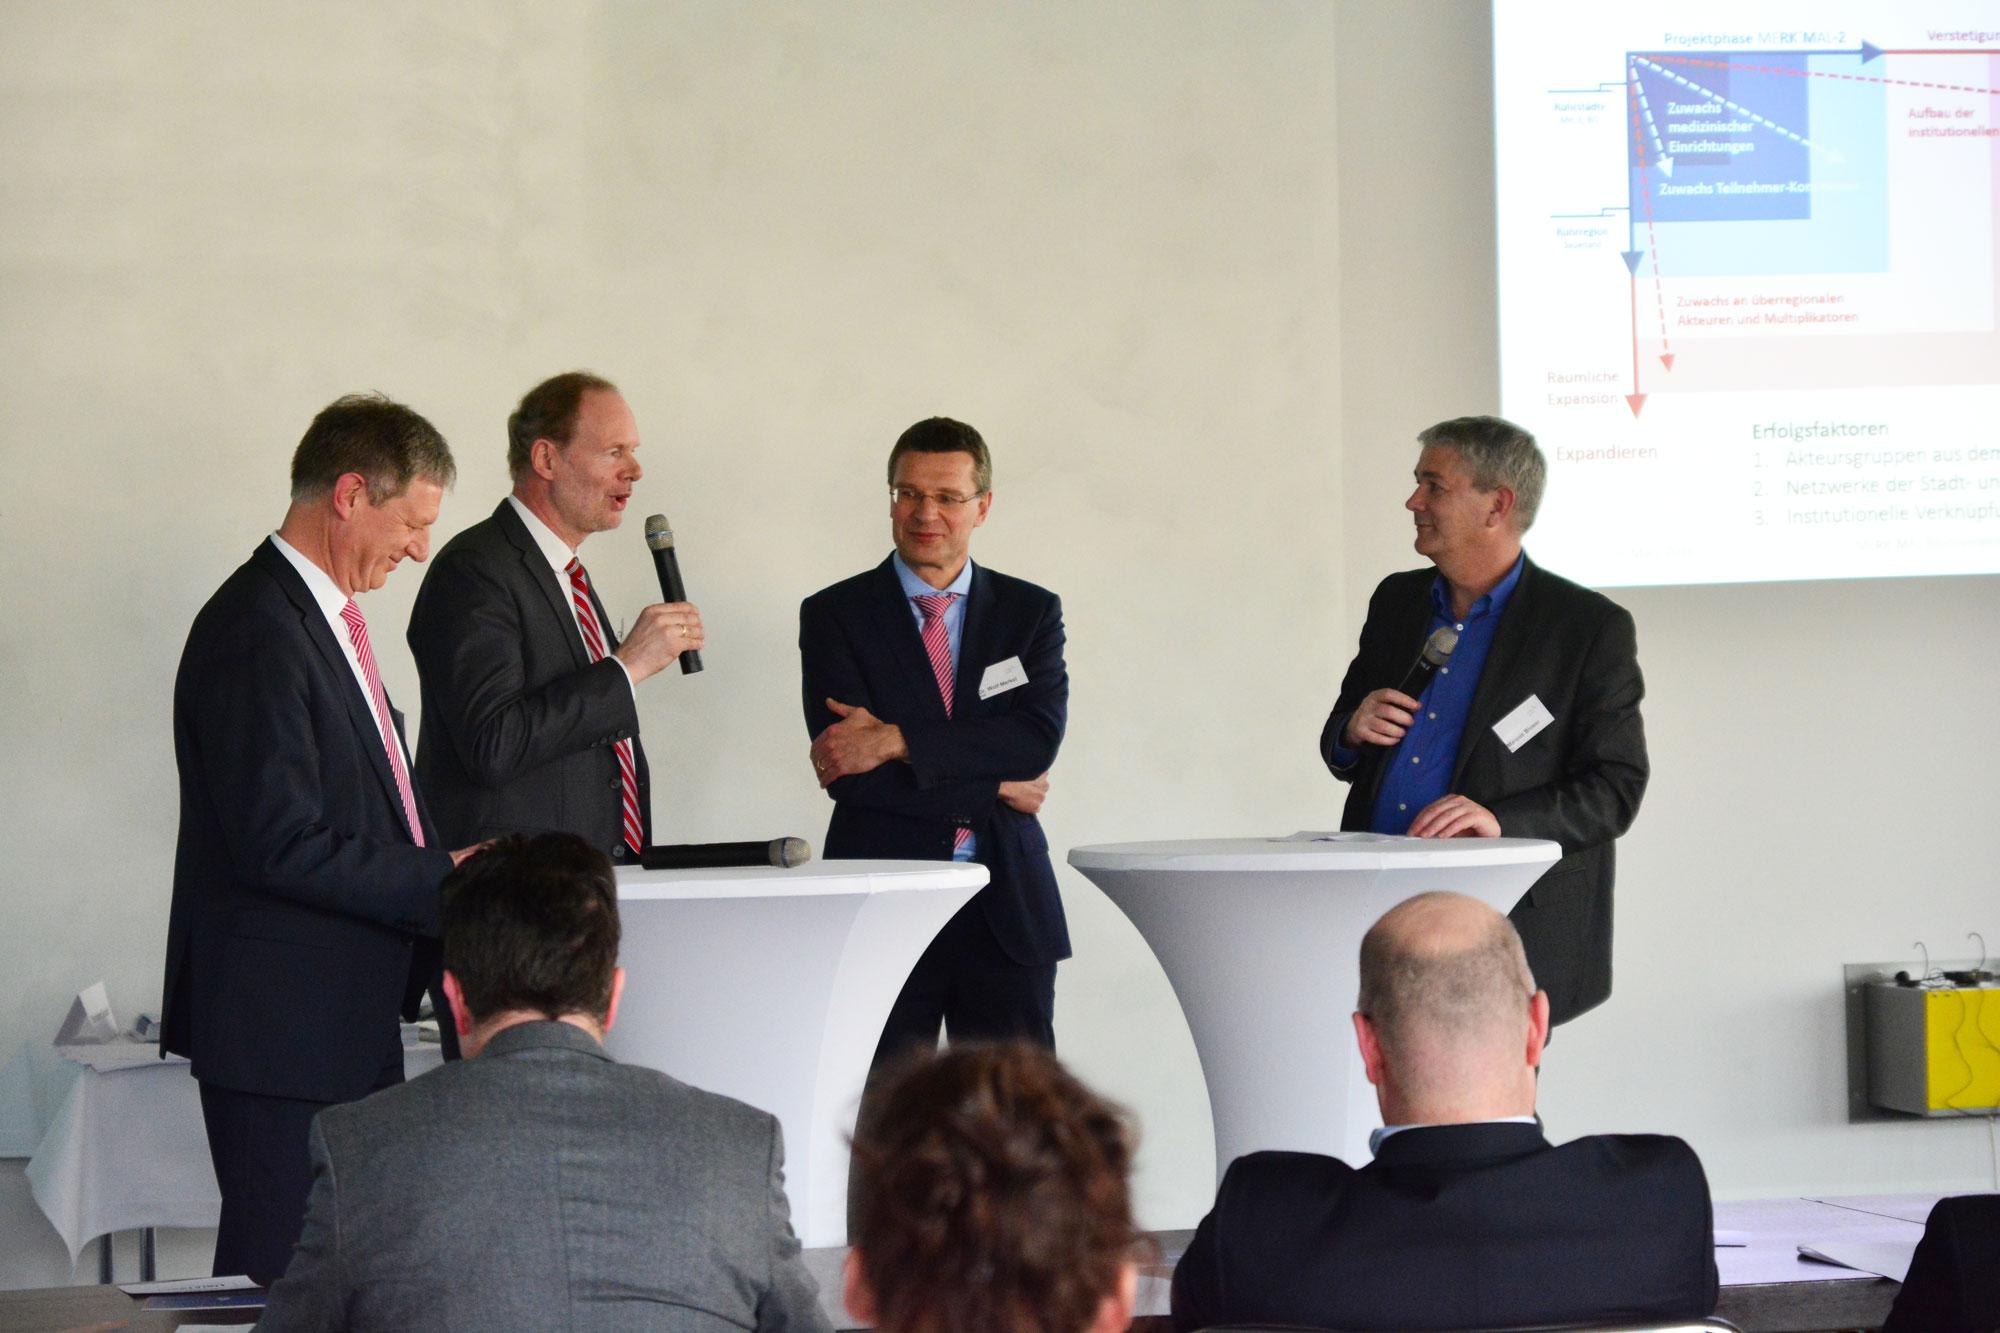 IKU_Moderator Marcus Bloser führte durch die Gesprächsrunde mit Gerhard Odenkirchen (Umweltministerium),Franz-Peter Heidenreich (DBU) und Dr. Wolf Merkel (IWW) zum regionalen Roll-Out.